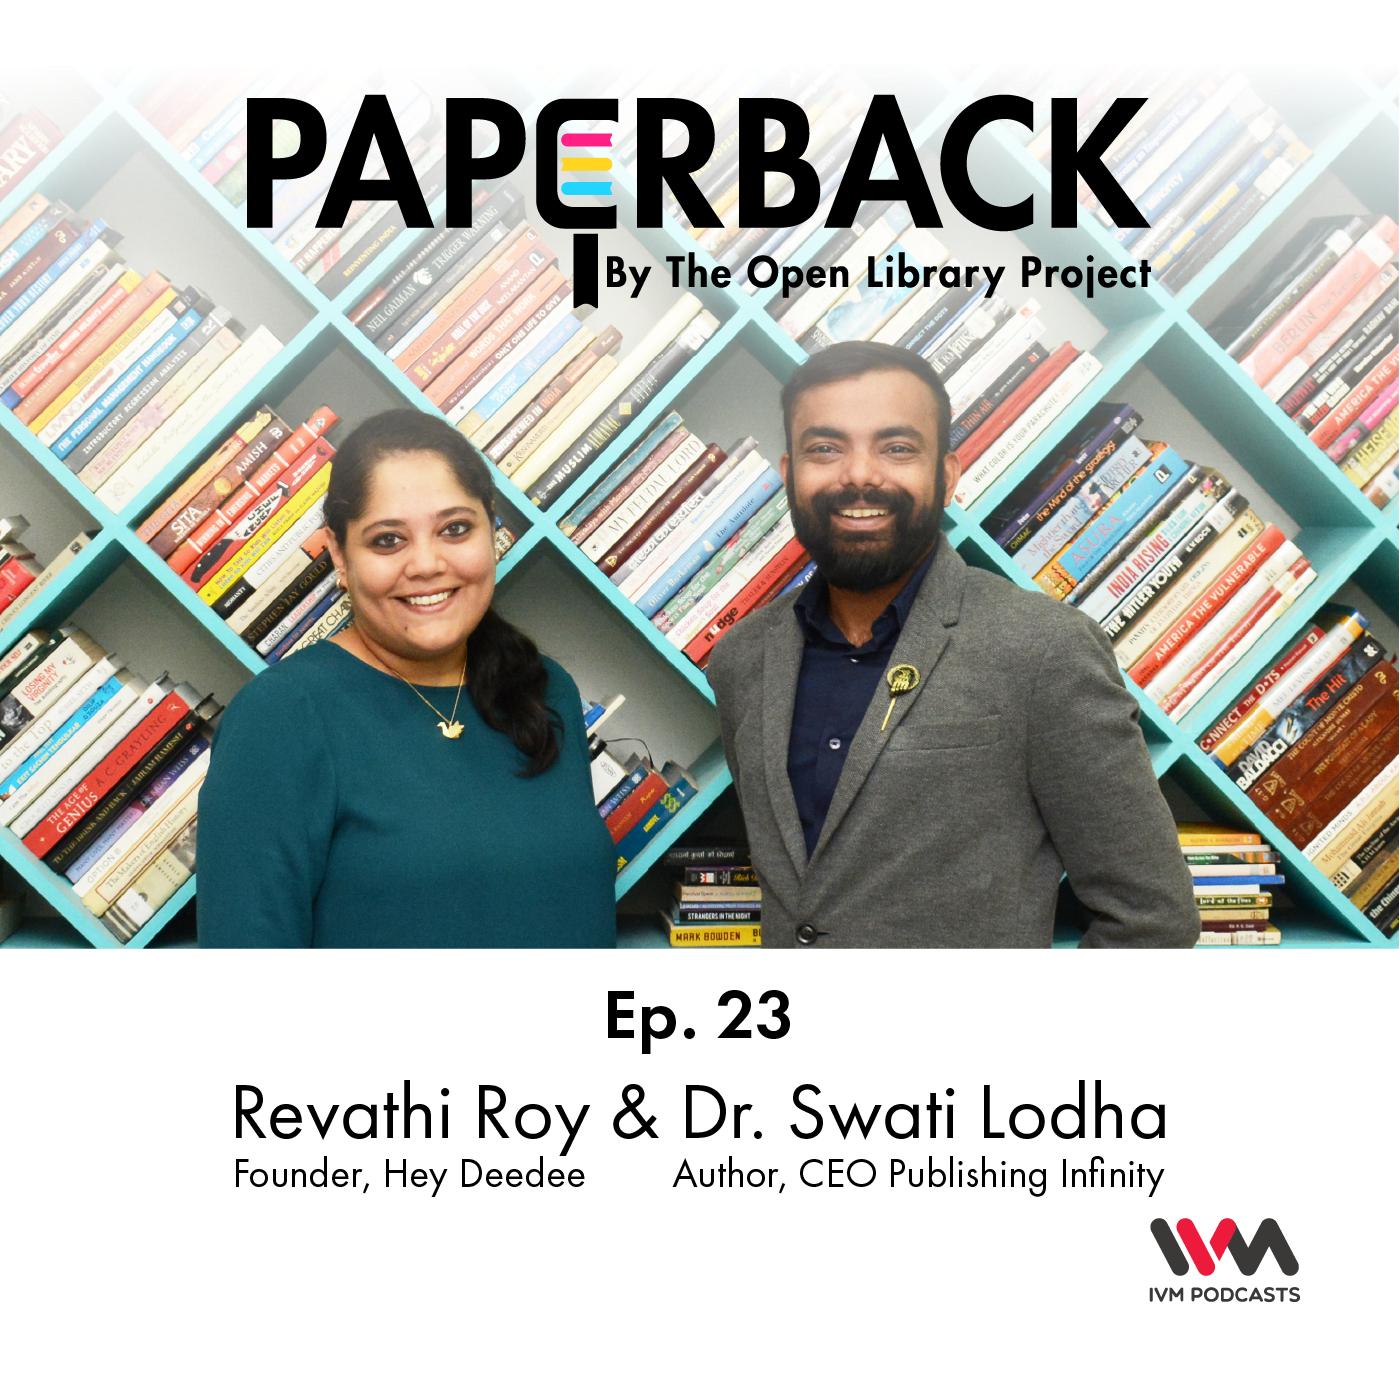 Ep. 23: Revathi Roy, Dr. Swati Lodha